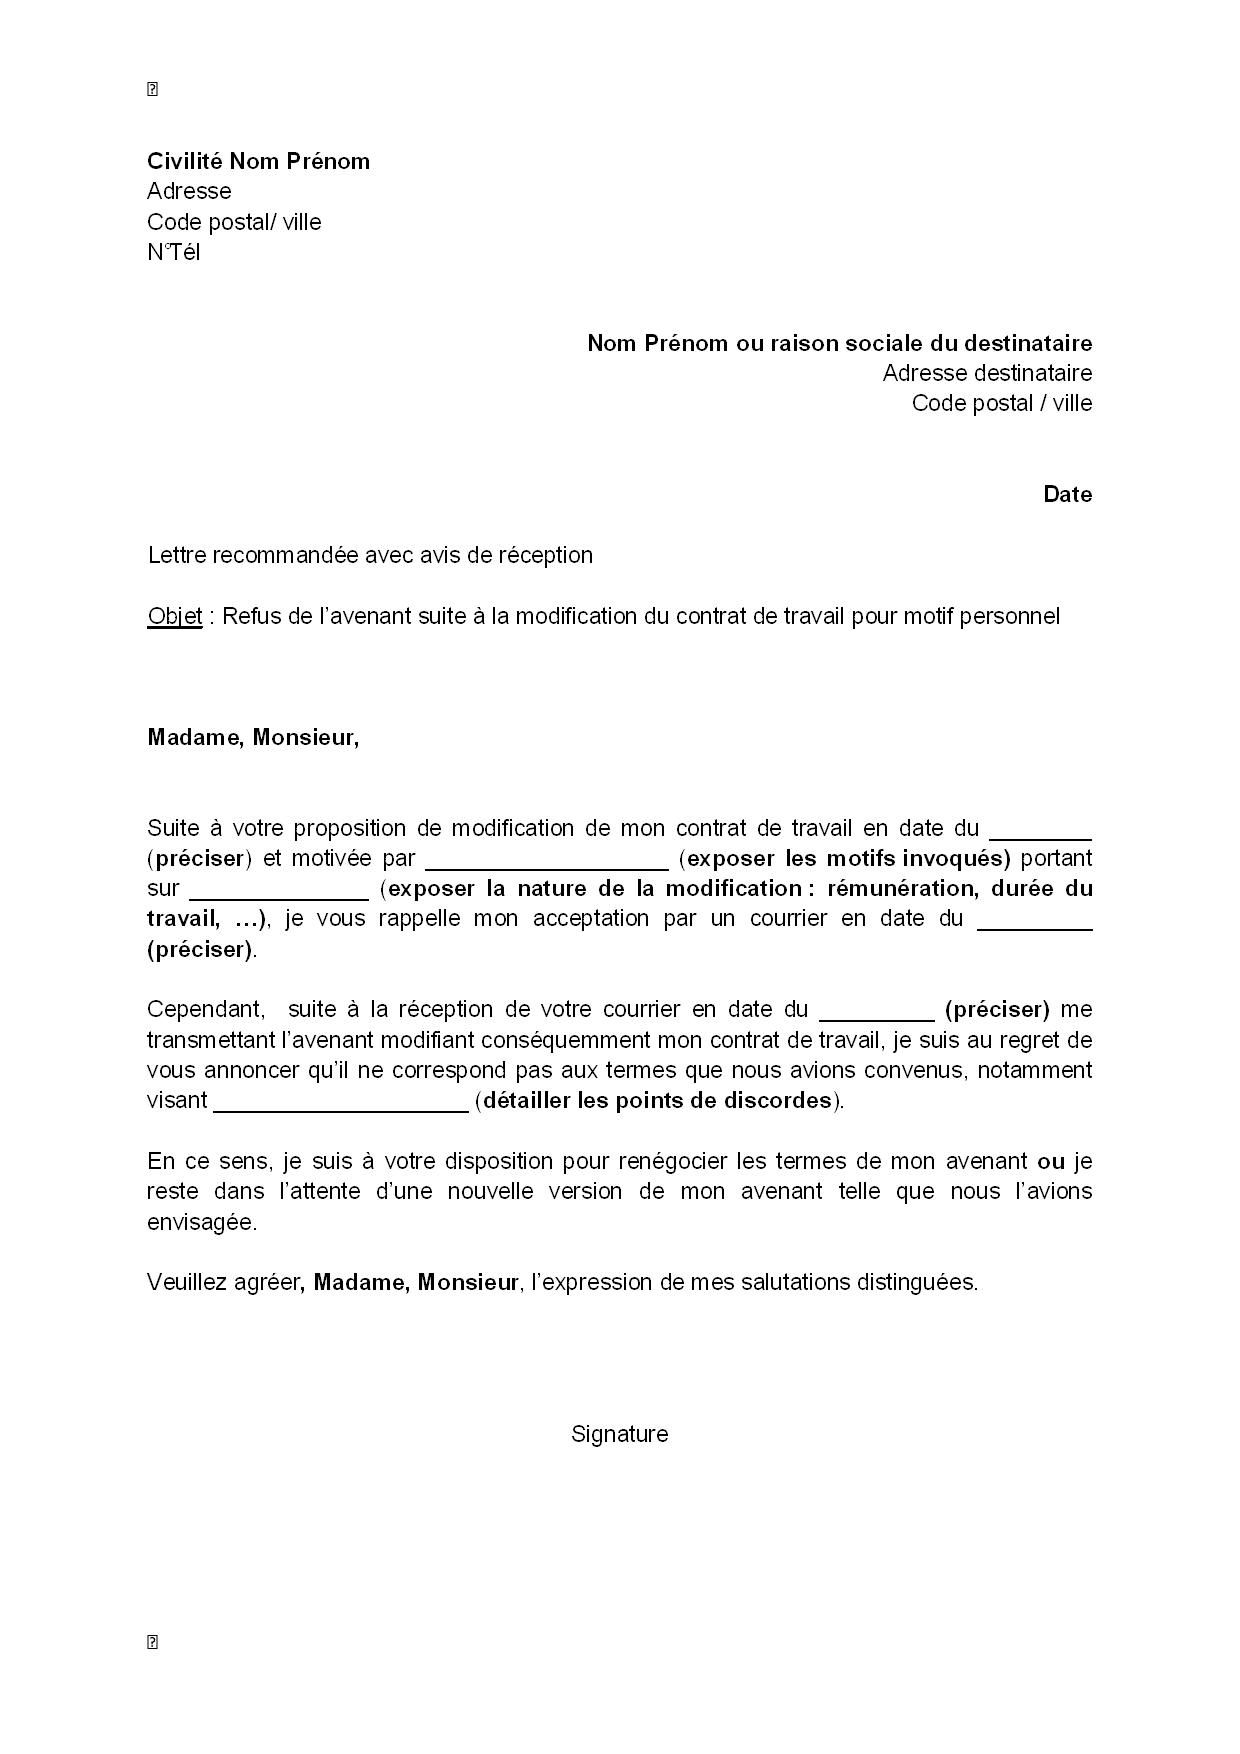 16 Lettre De Motivation Employeur Changement De Statut Letter Templates Lettering Motivation